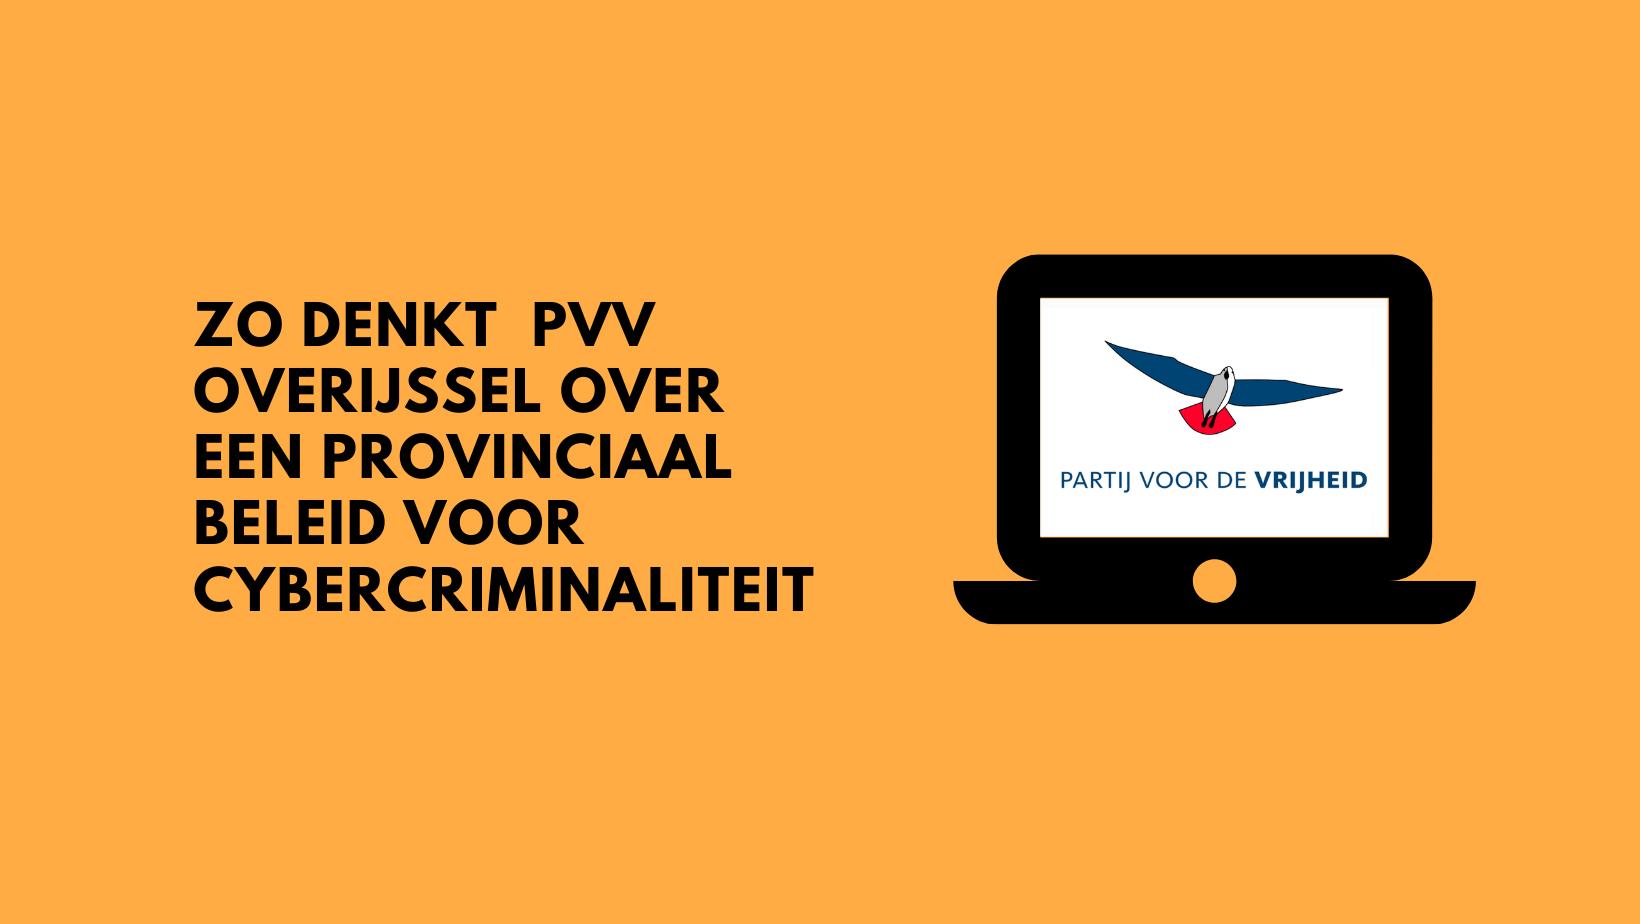 Zo denkt PVV Overijssel over een provinciaal beleid voor cybercriminaliteit